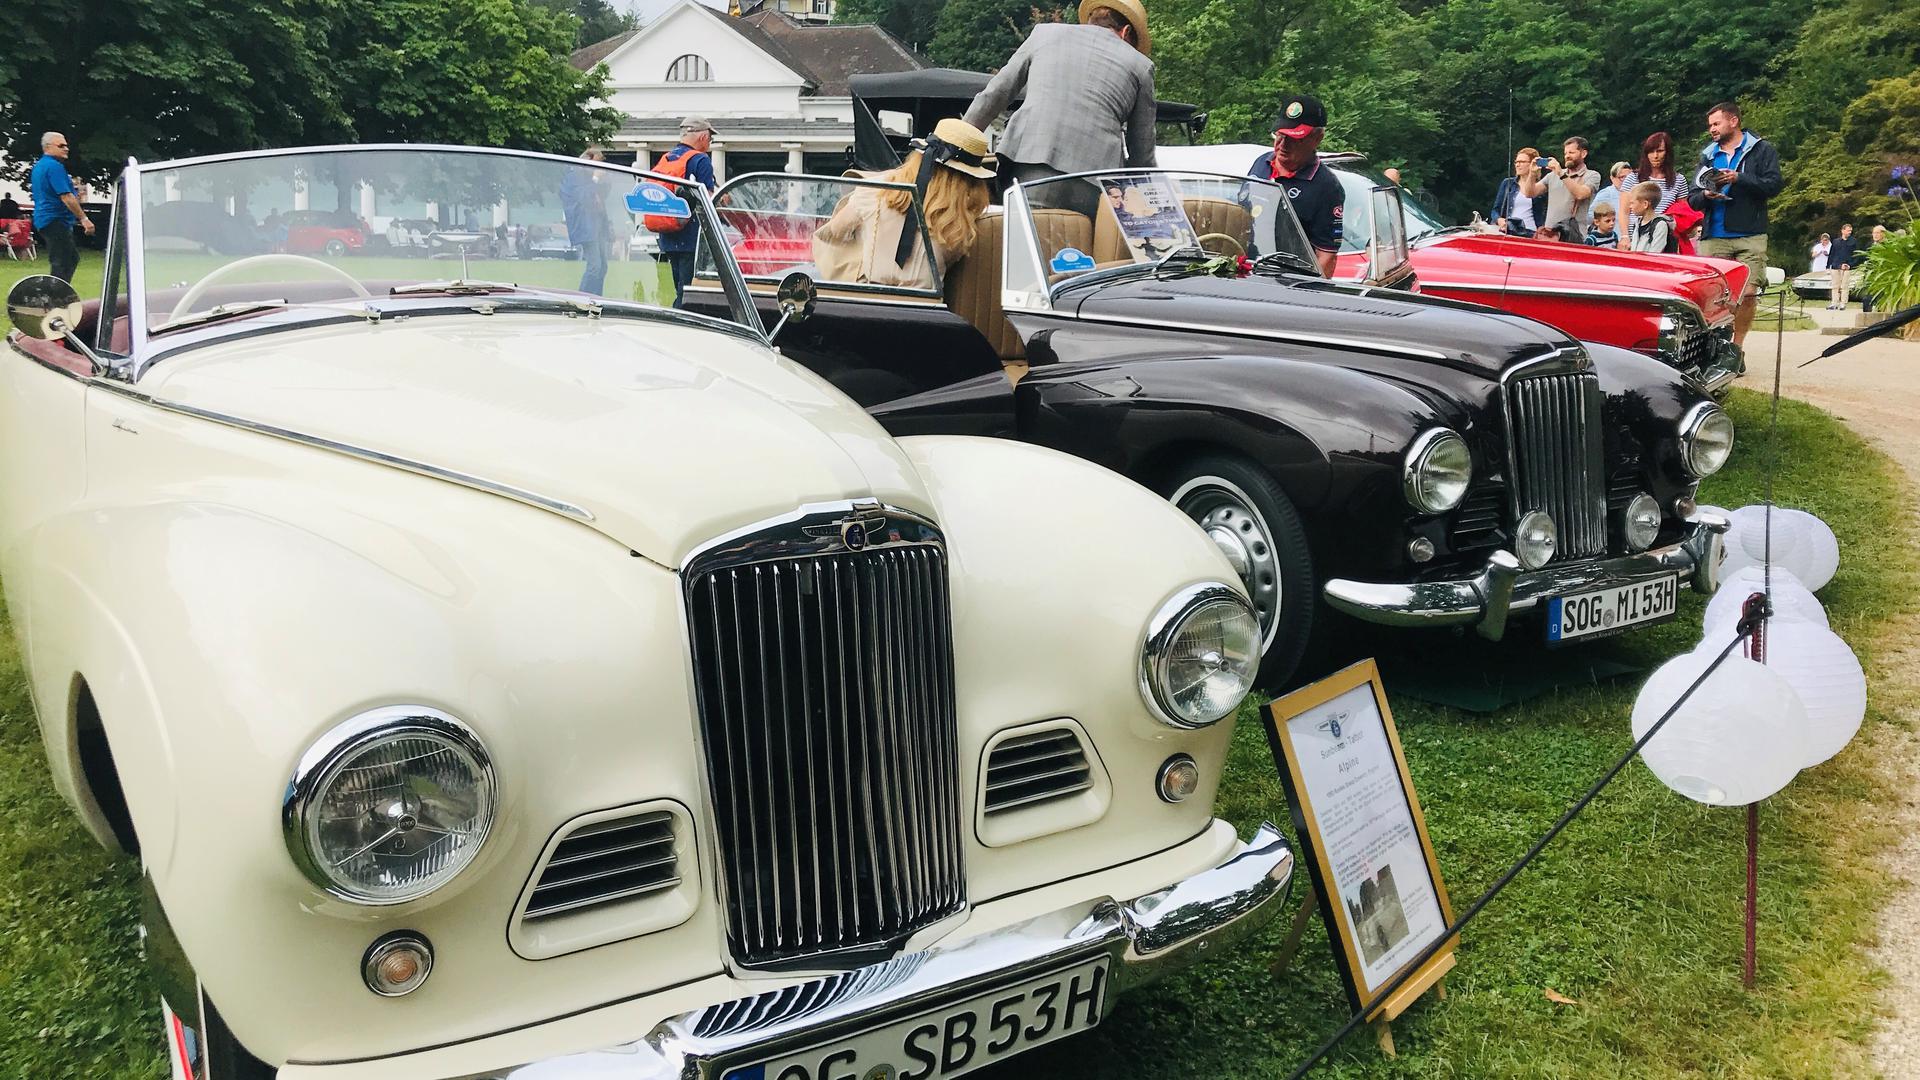 Vom Sunbeam Talbot Alpine wurden zwischen 1953 und 1955 nur 1.582 Exemplare gebaut. Nur wenige sind heute noch fahrbereit - wie dieses Exemplar beim Oldtimer-Meeting 2019 in Baden-Baden.